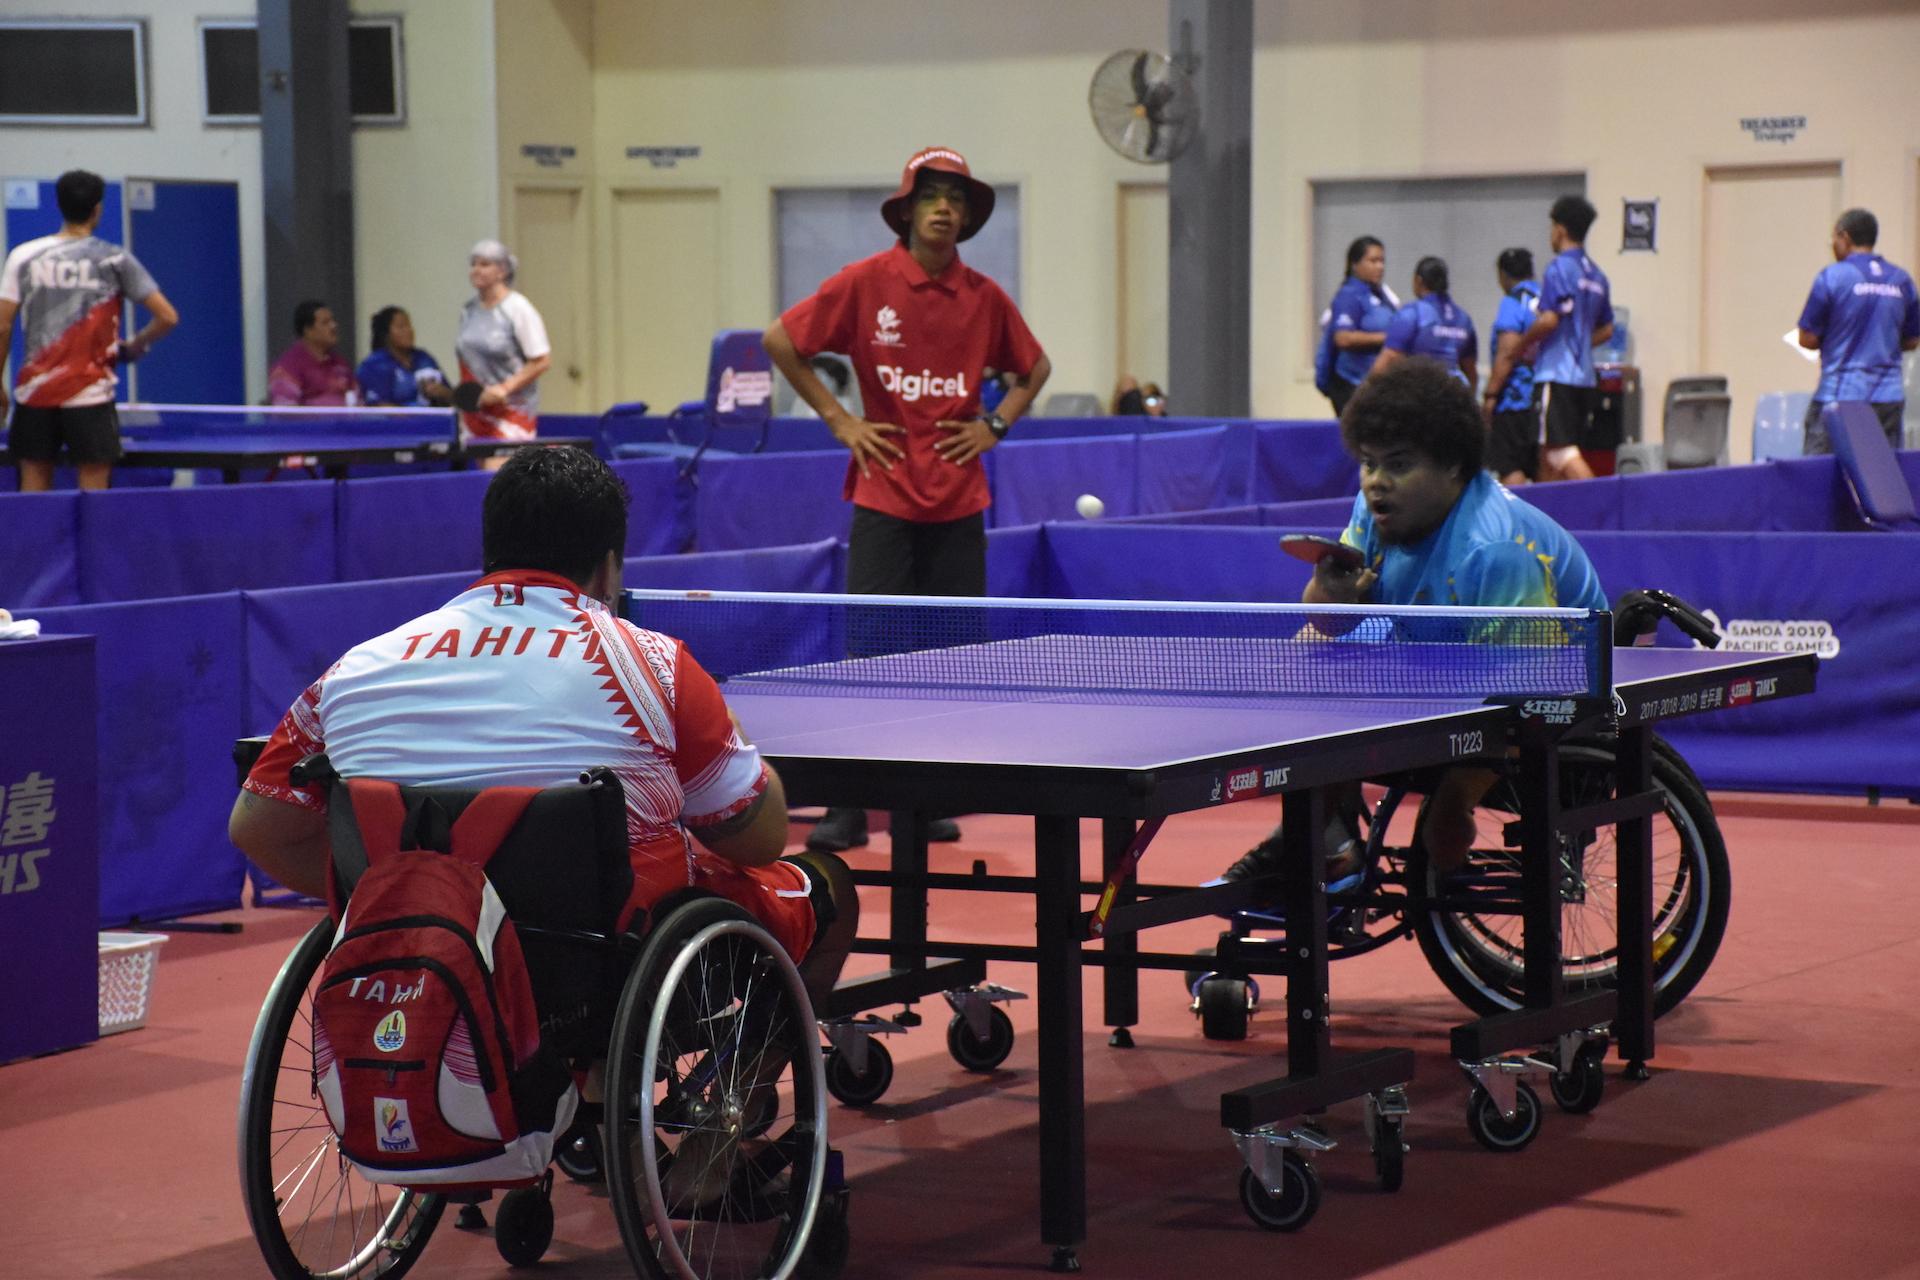 Les athlètes handisports remportent trois médailles au tennis de table